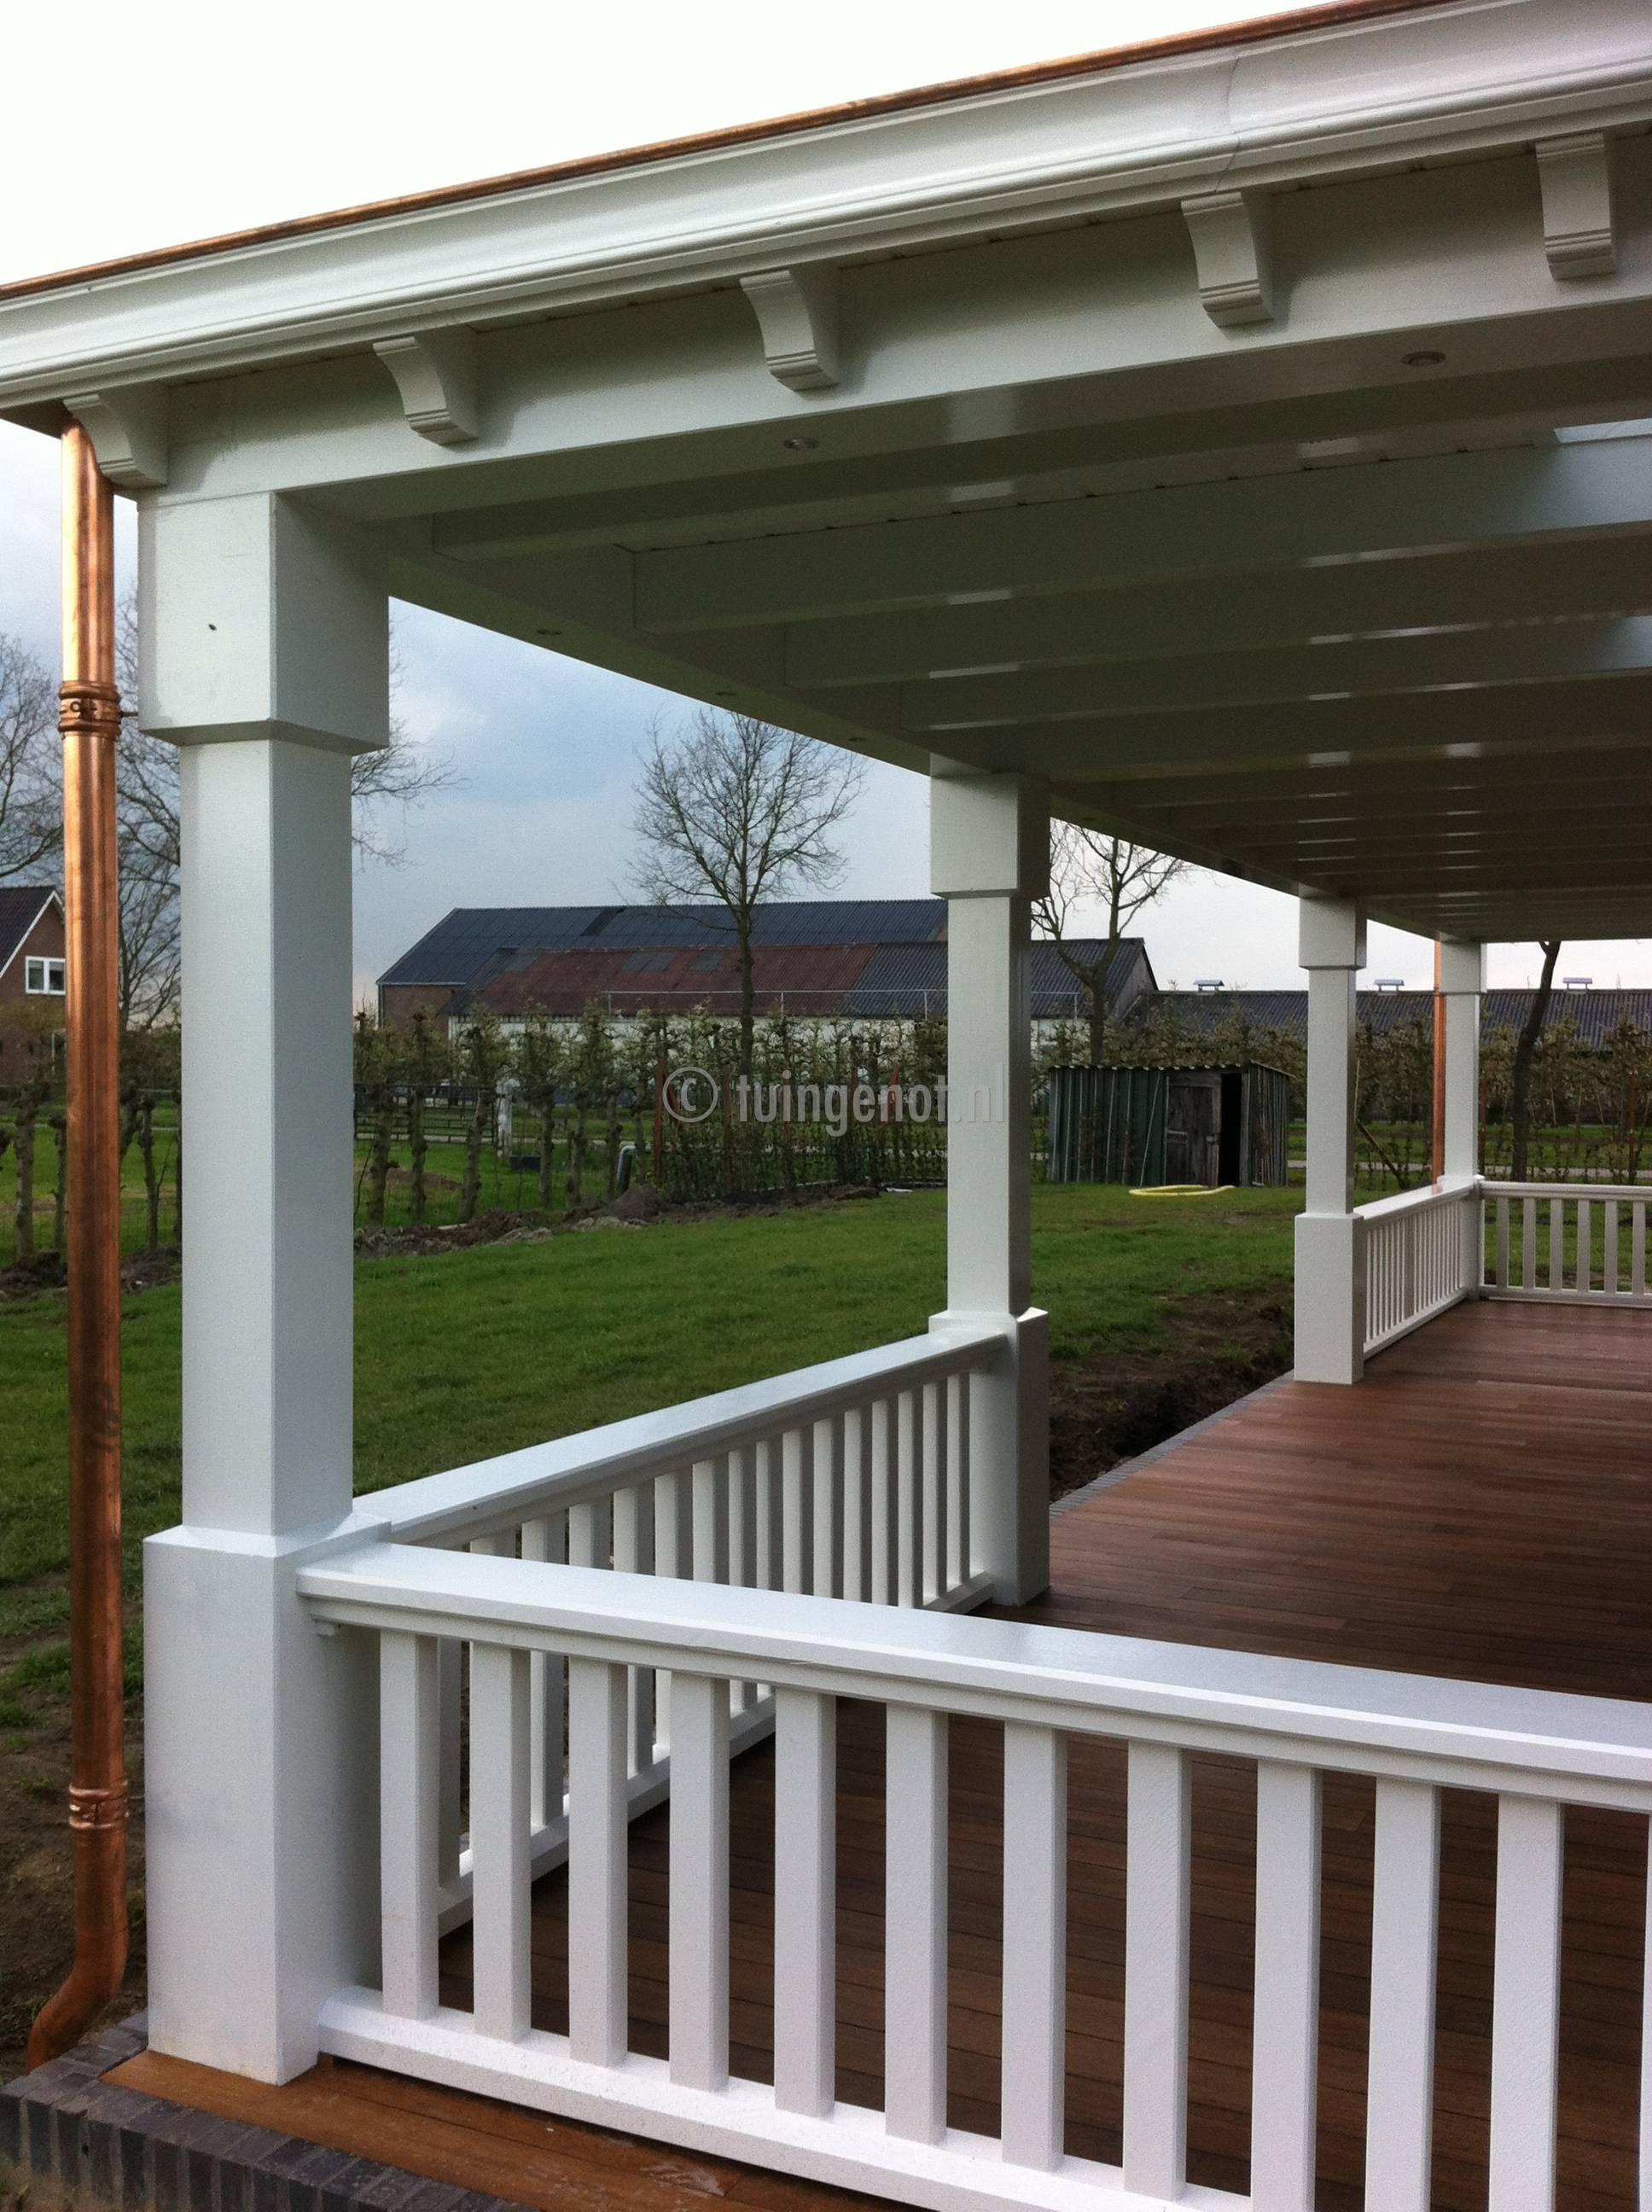 tuingenot 60 een megagrote luxe hardhouten veranda. Black Bedroom Furniture Sets. Home Design Ideas